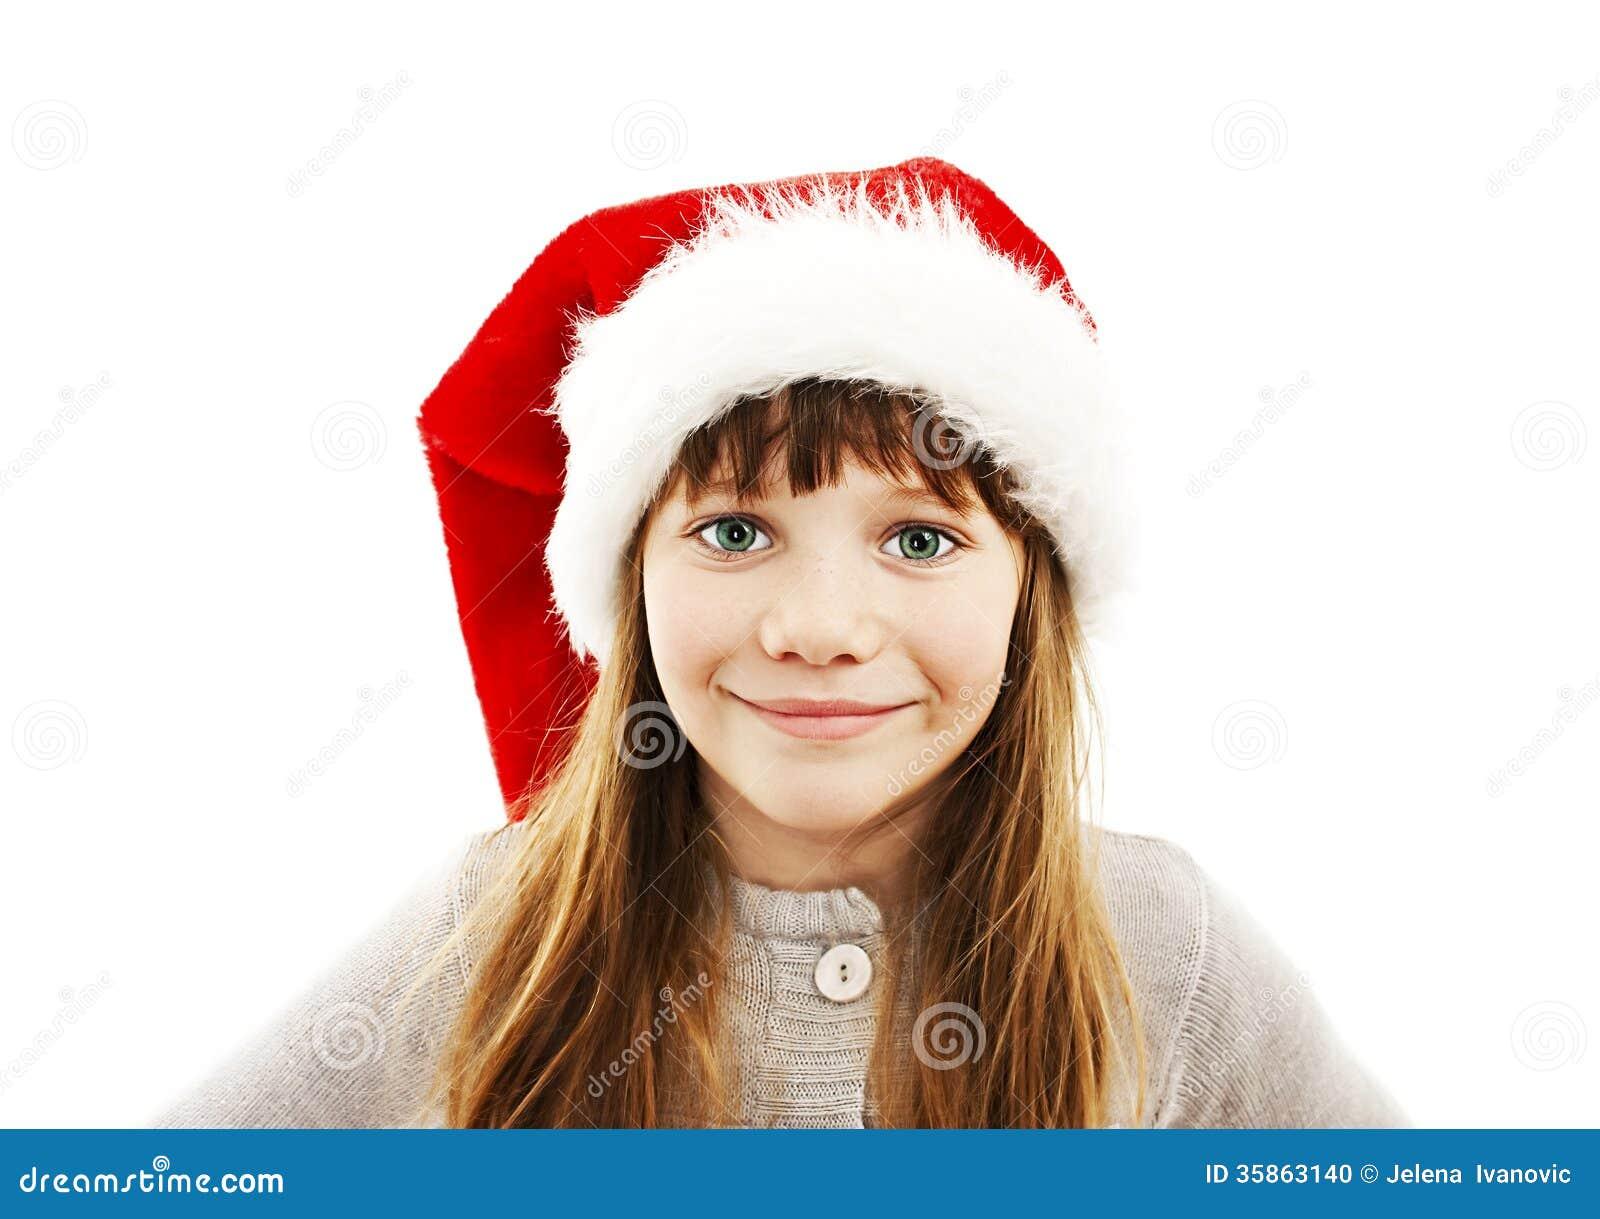 Little girl in red Santa hat. Portrait